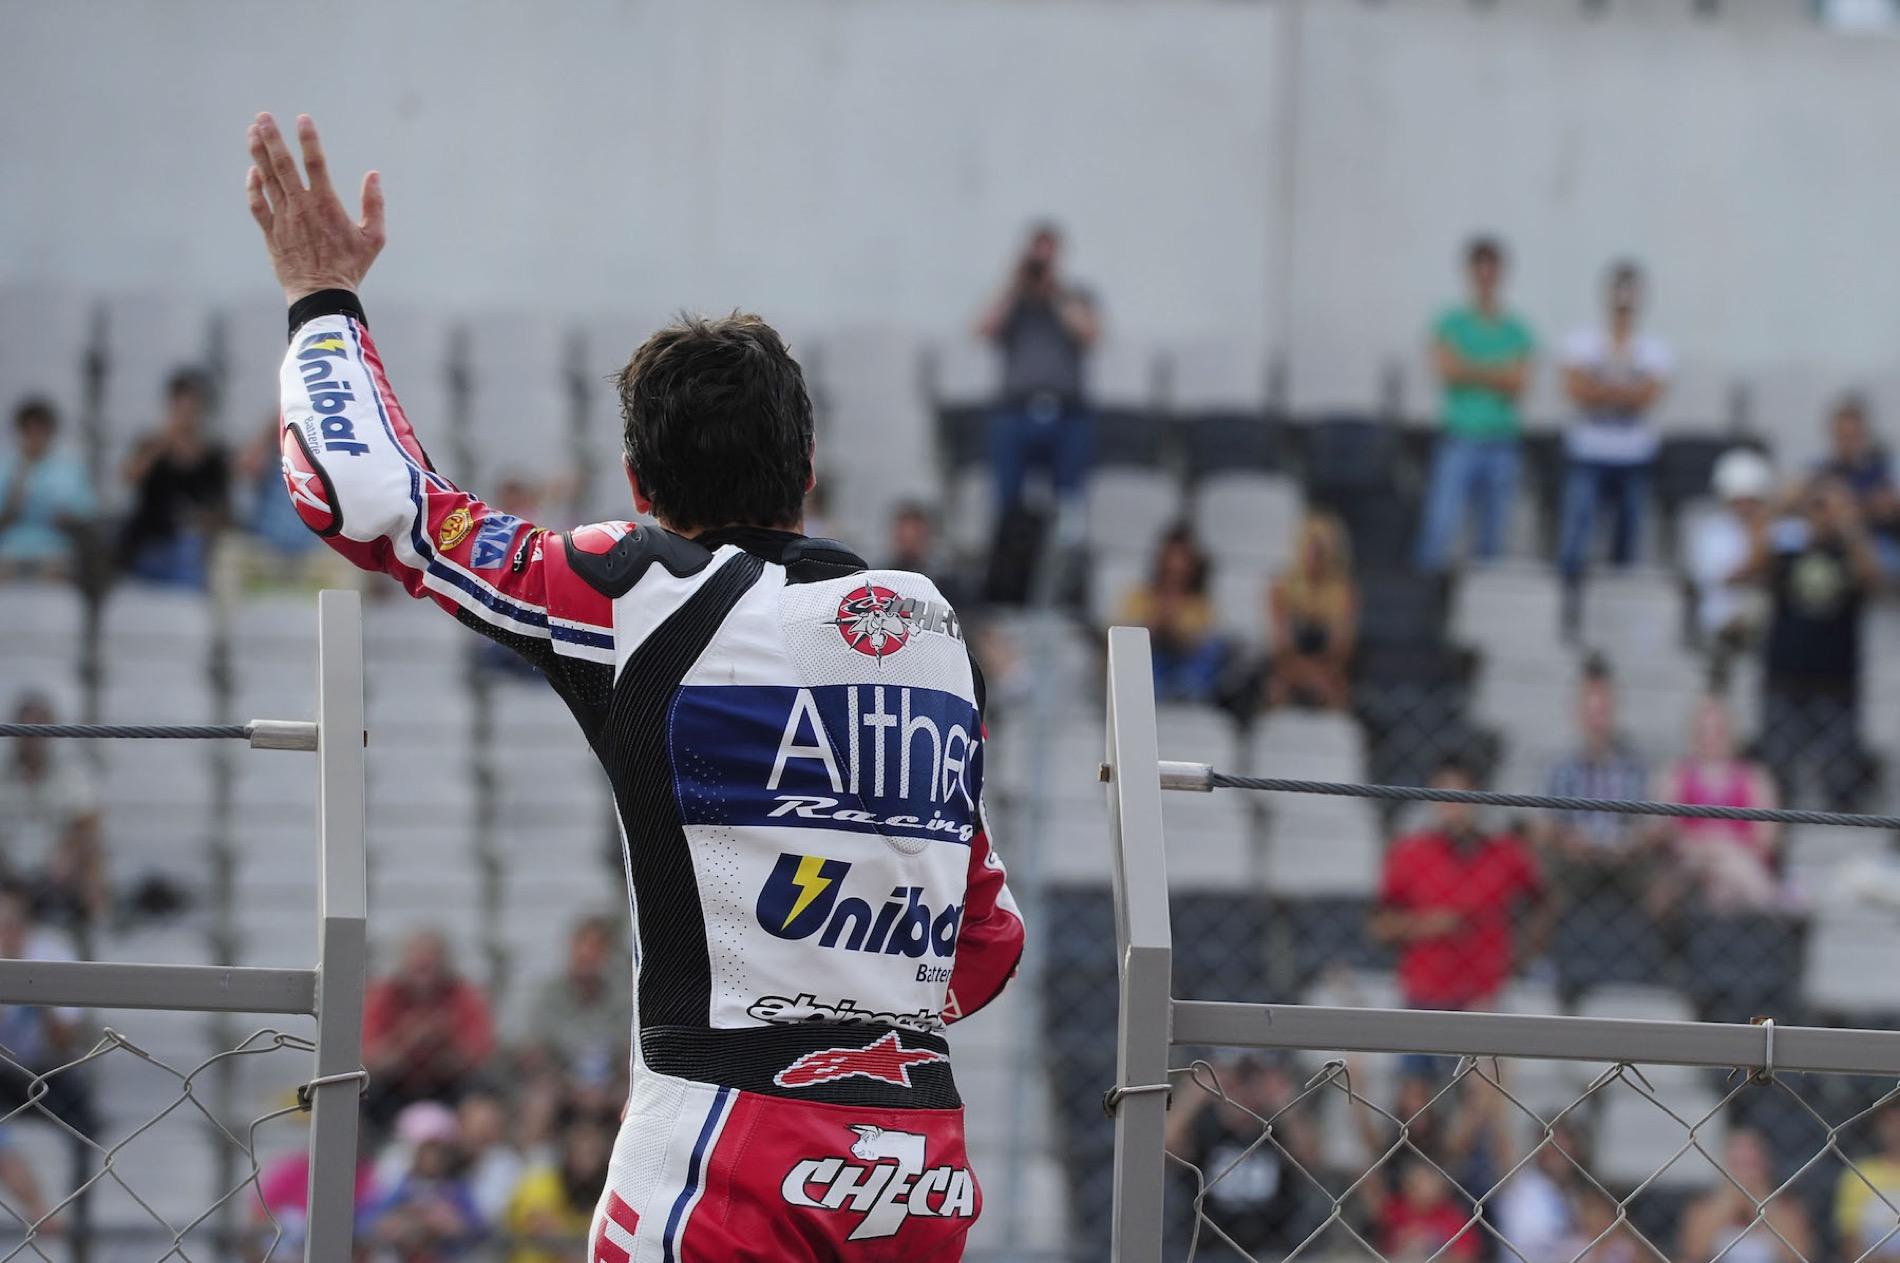 Carlos Checa y su mejor carrera